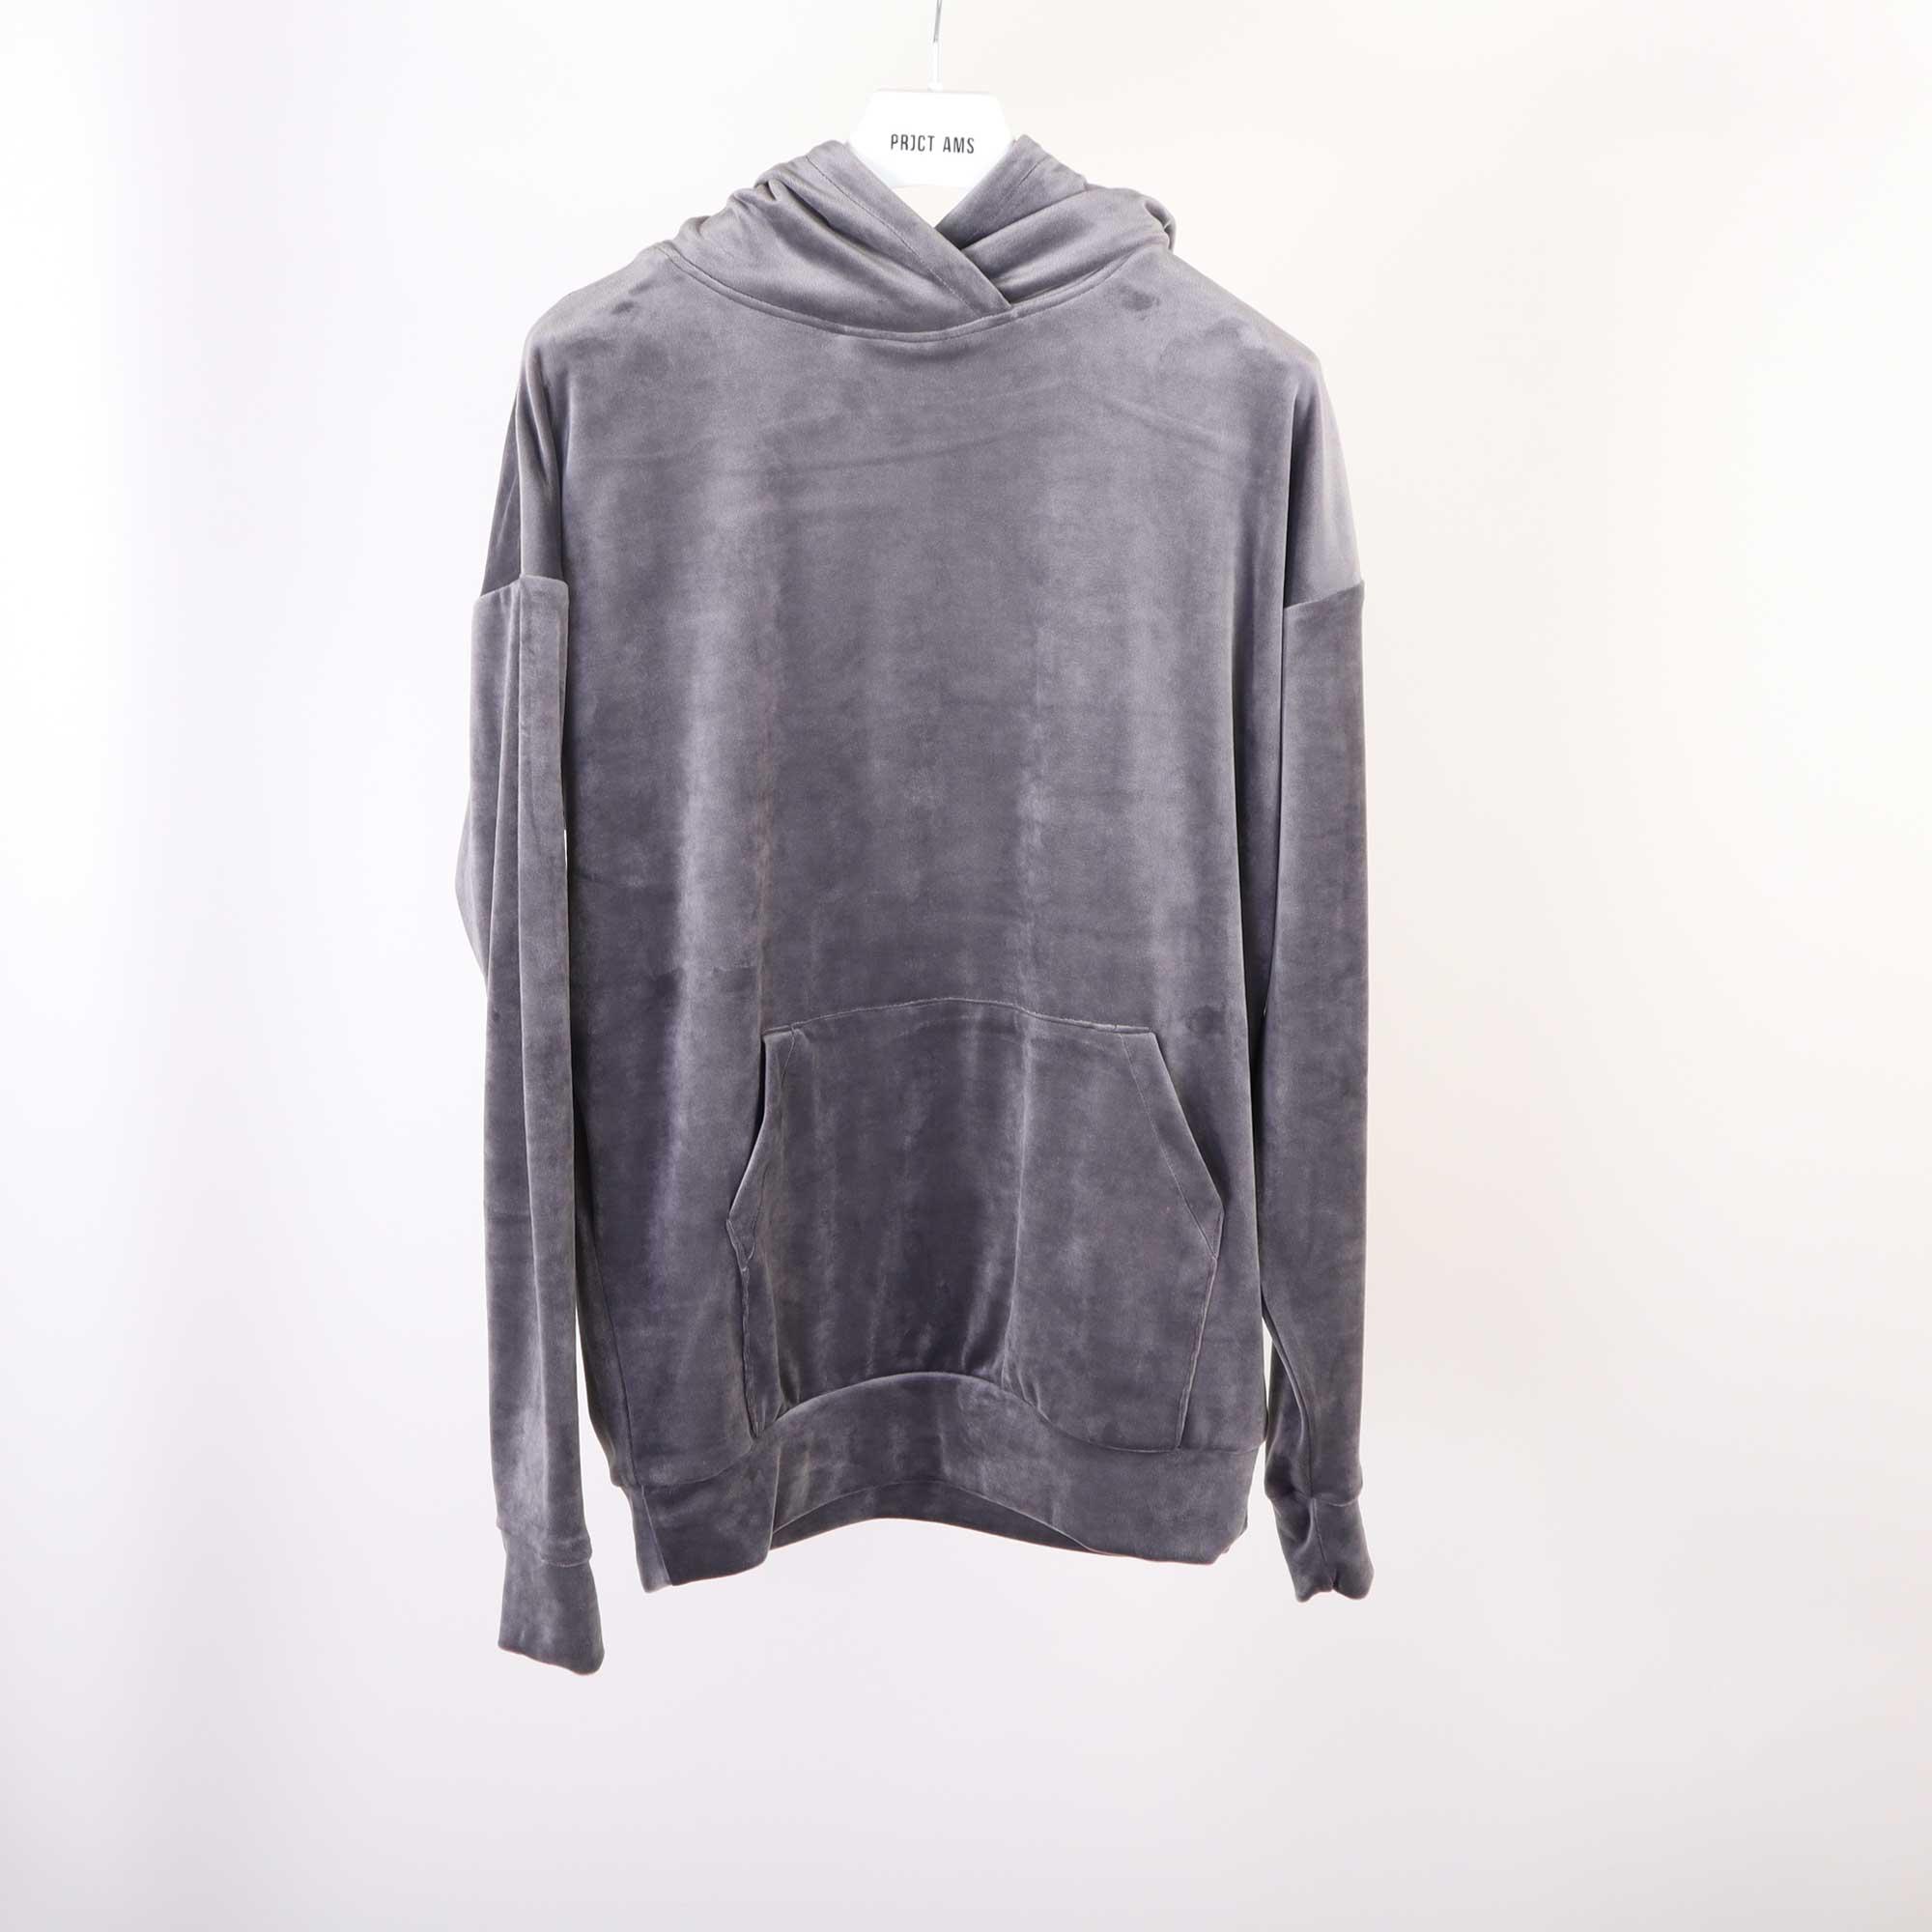 velvet-grijs-2